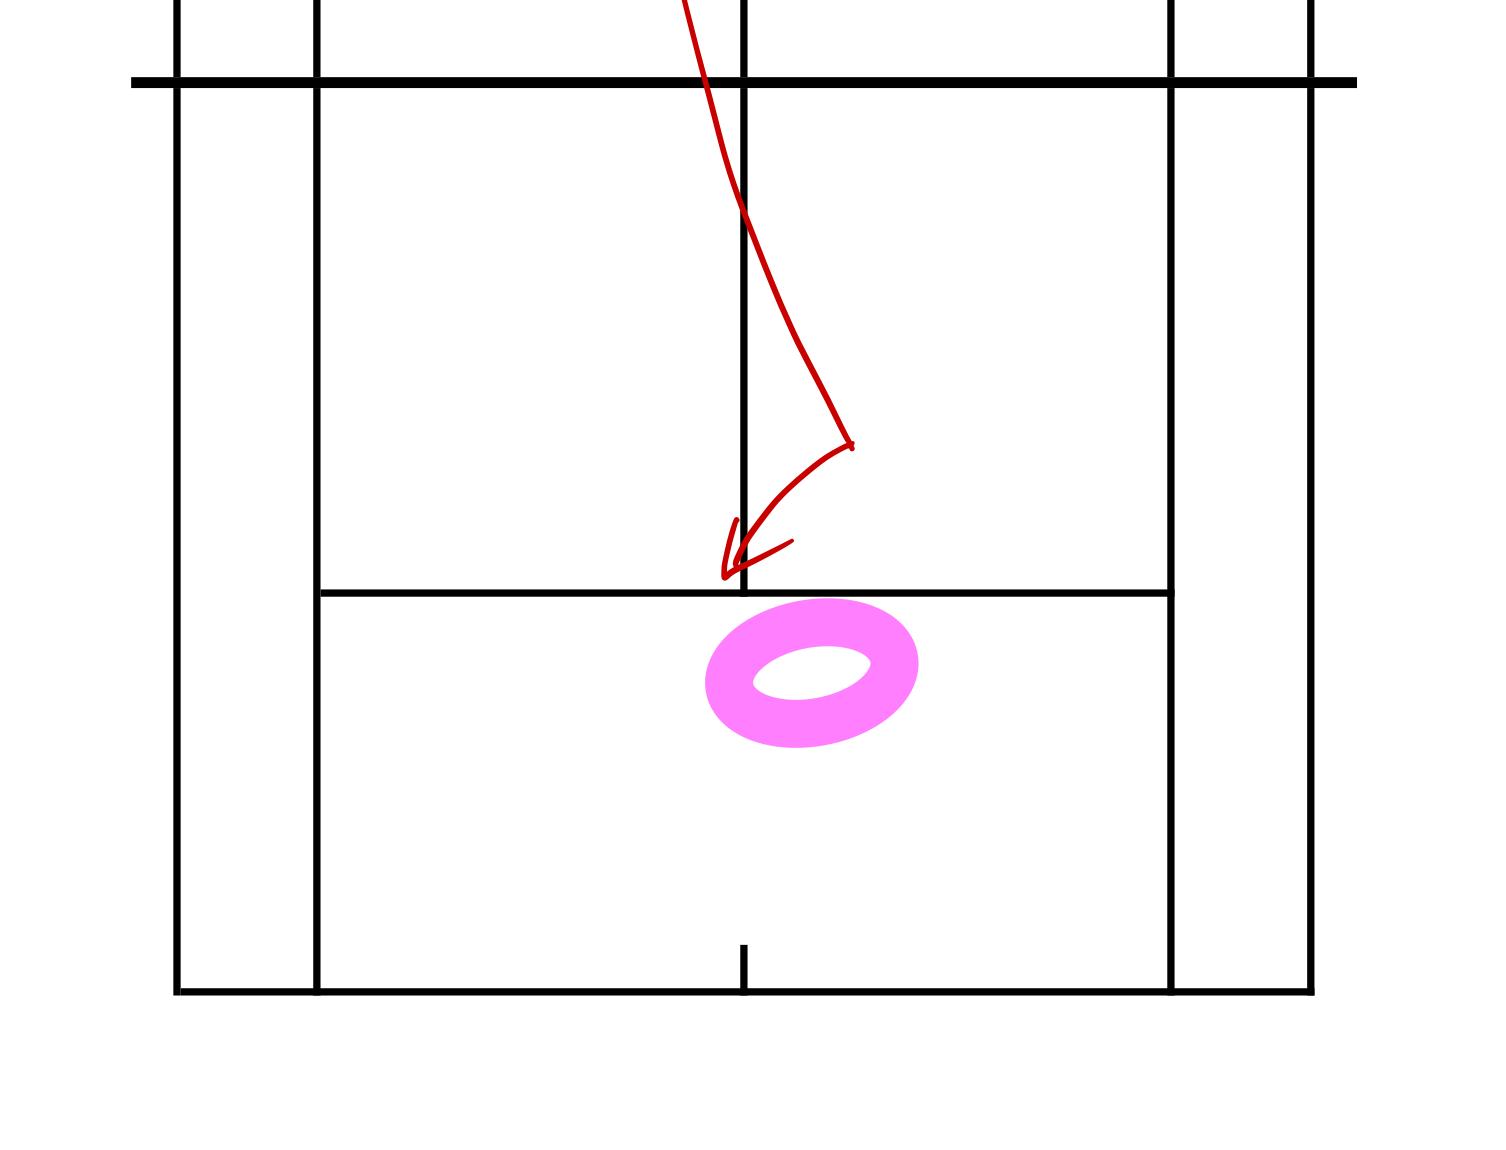 下からのセカンドサーブ(右利き)に対する構える位置